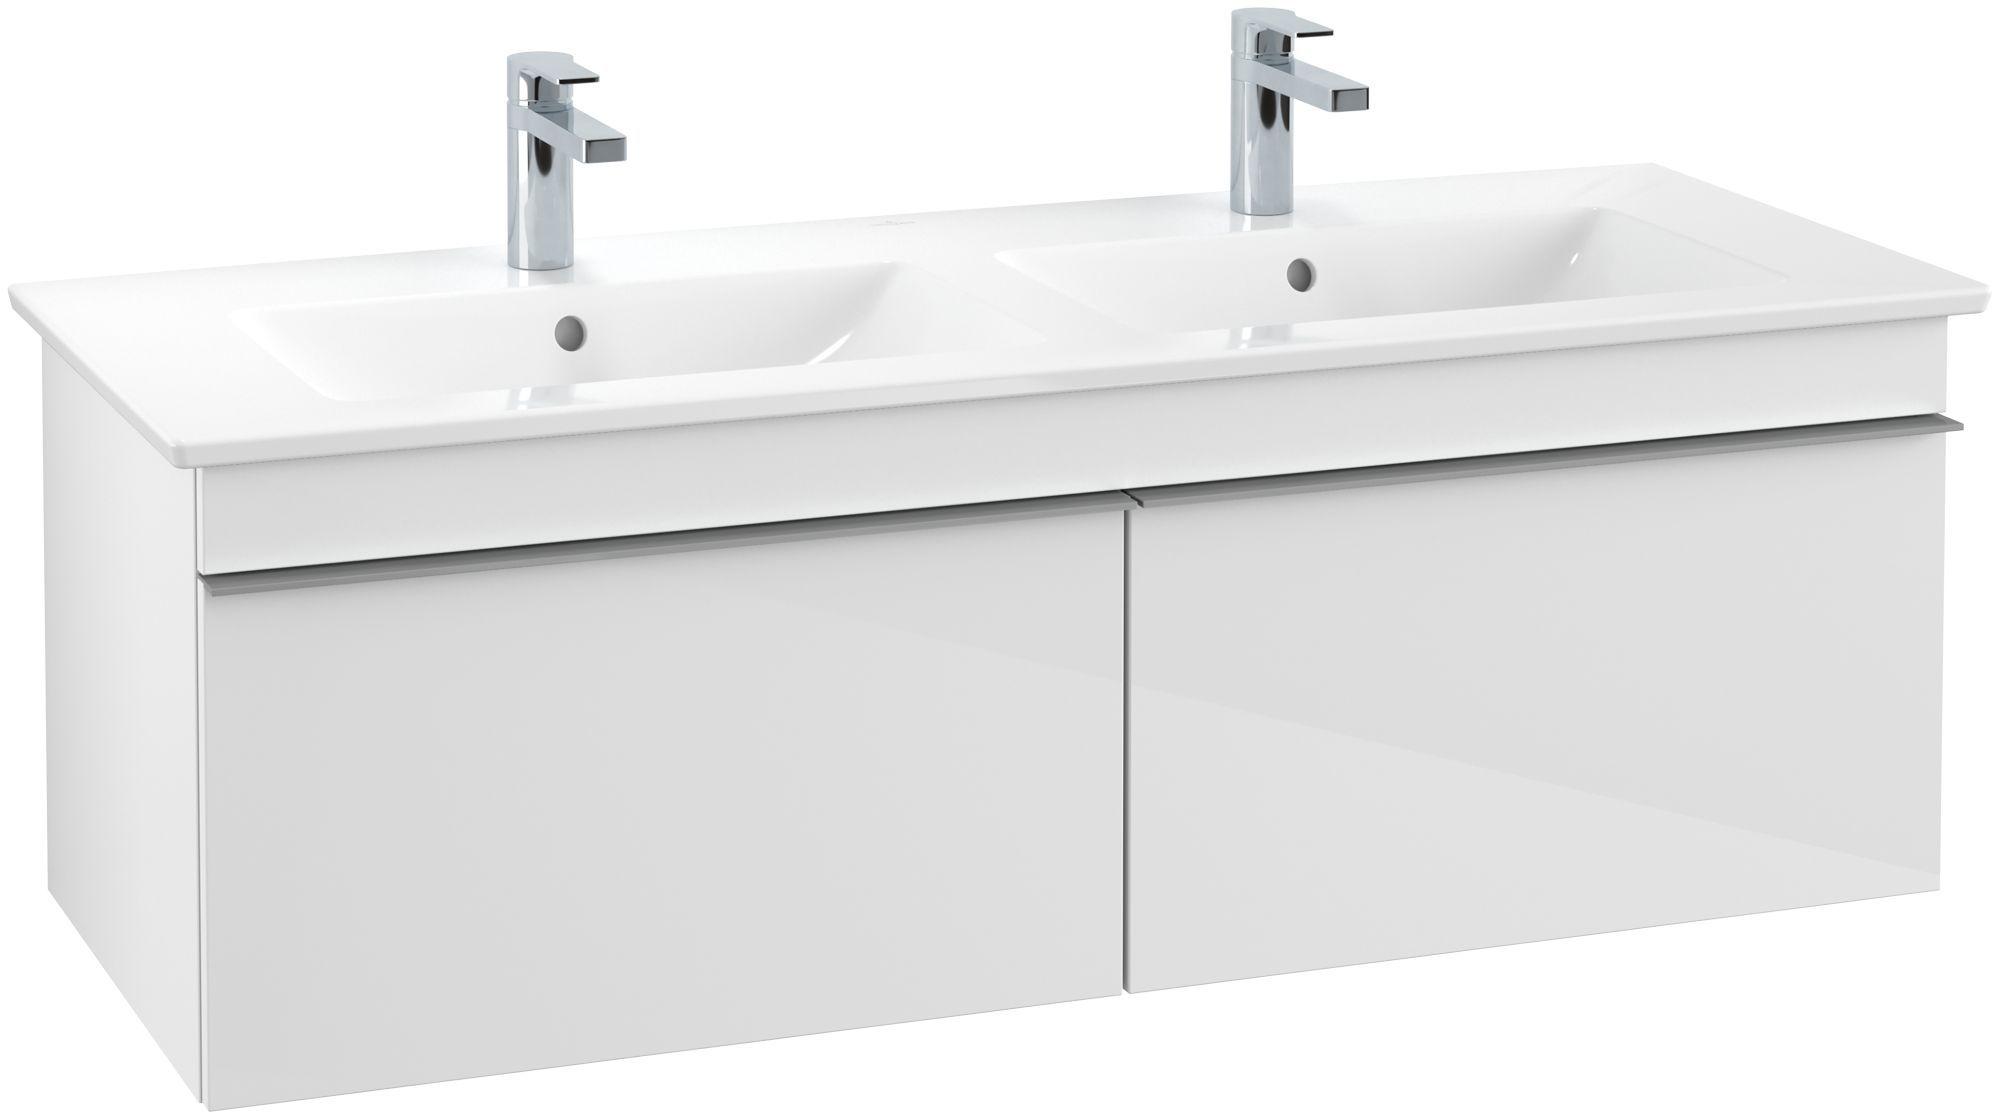 Villeroy & Boch Venticello Waschtischunterschrank 2 Auszüge B:1253xT:502xH:420mm glossy weiß Griffe grau A93903DH